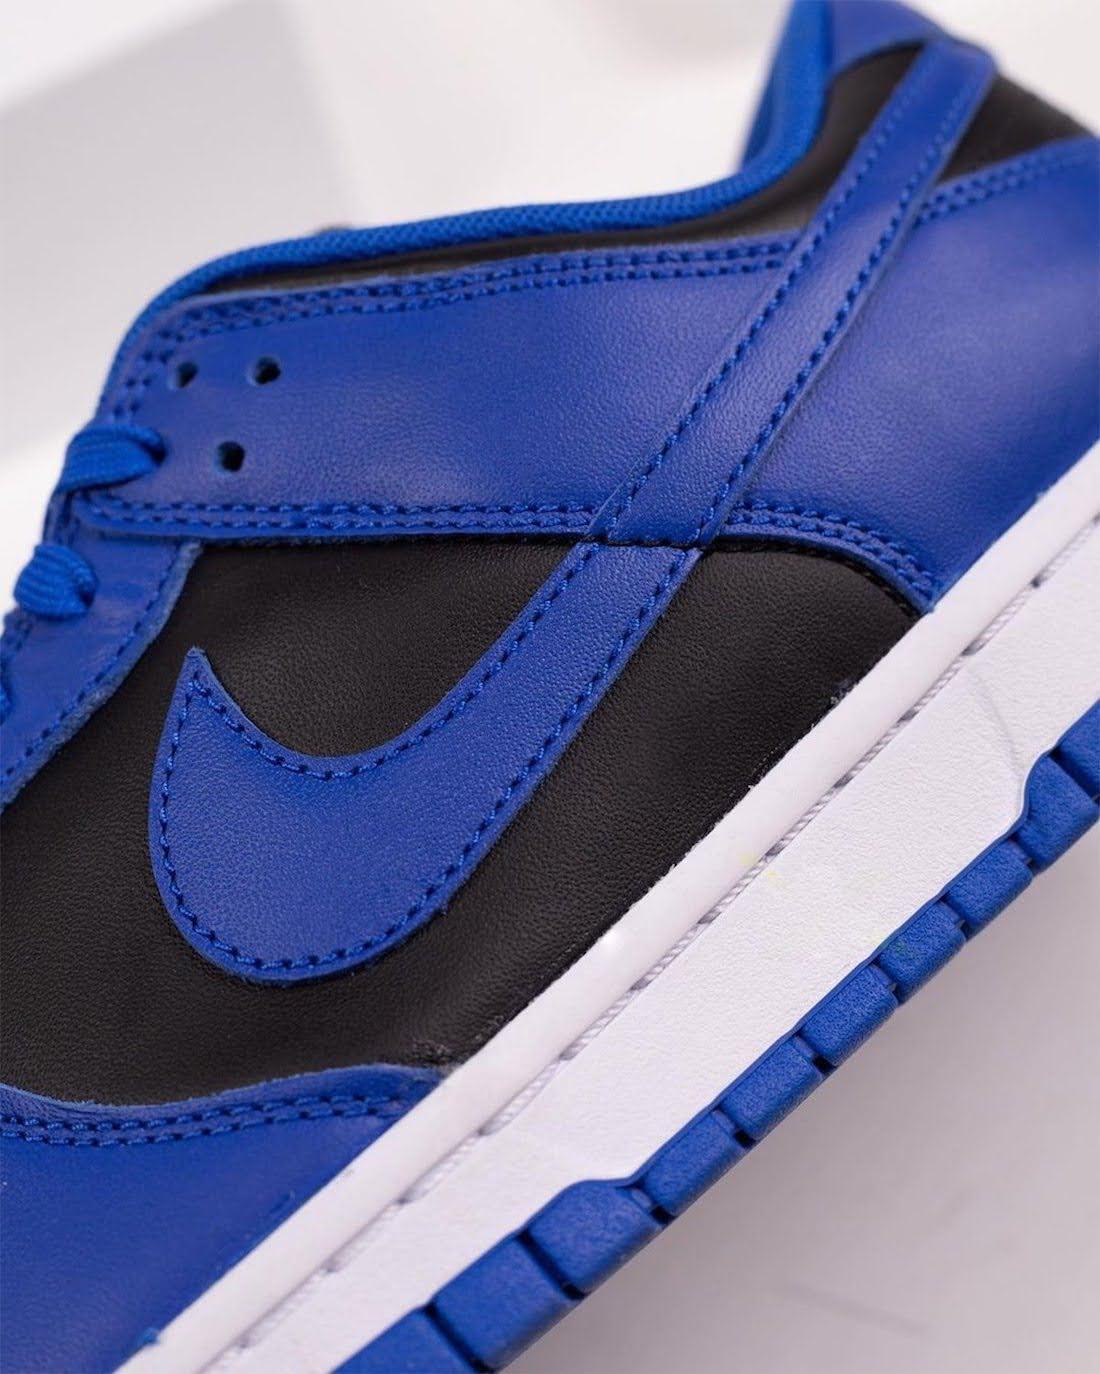 """ナイキ ダンク ロー """"ハイパー コバルト"""" Nike-Dunk-Low-Hyper-Cobalt-DD1391-001-side-logo-closeup"""